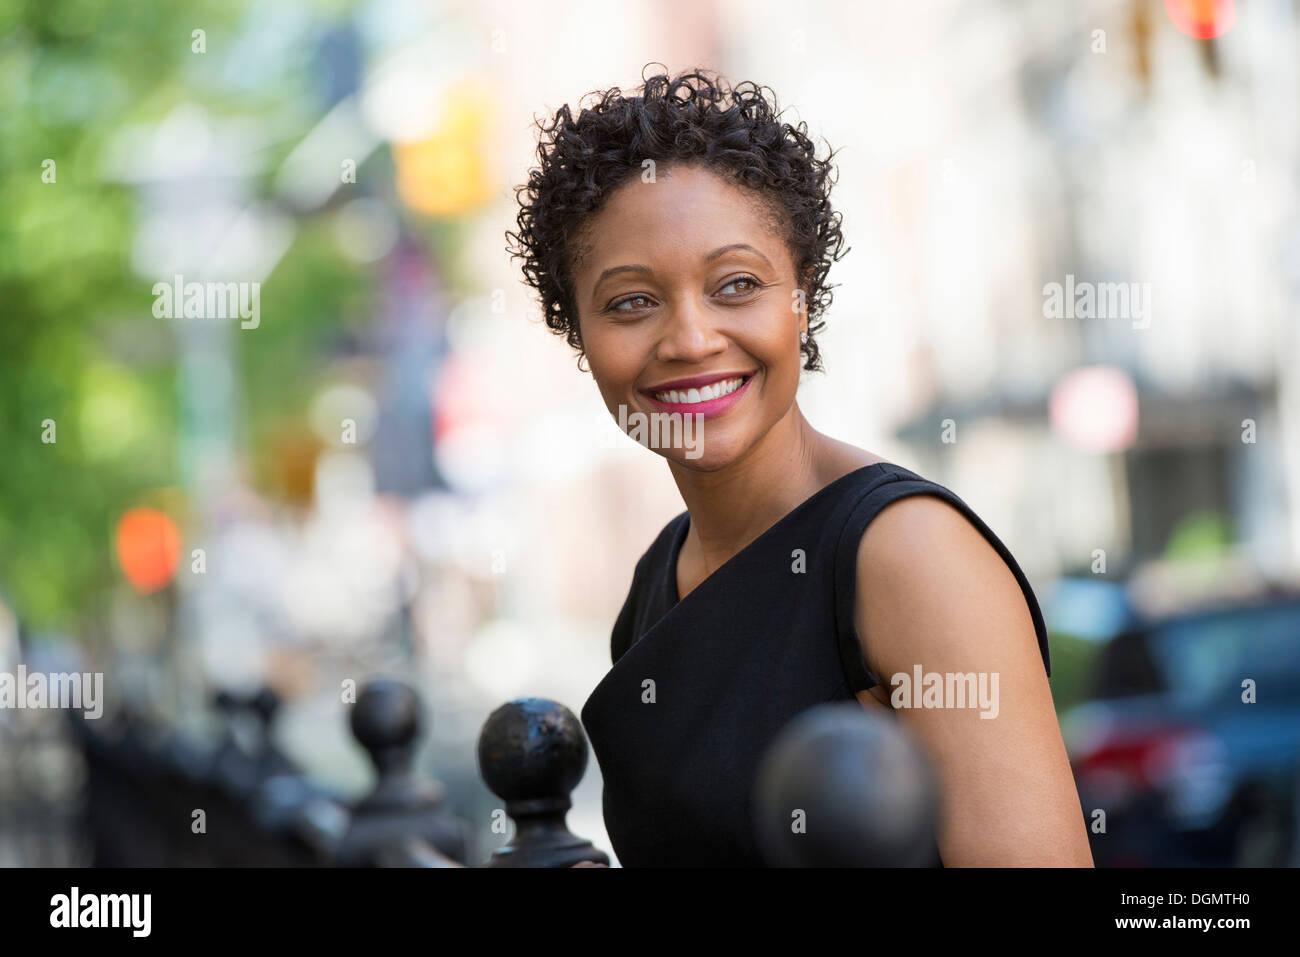 Le persone in movimento. Una ragazza in un abito nero su una strada della citta'. Immagini Stock